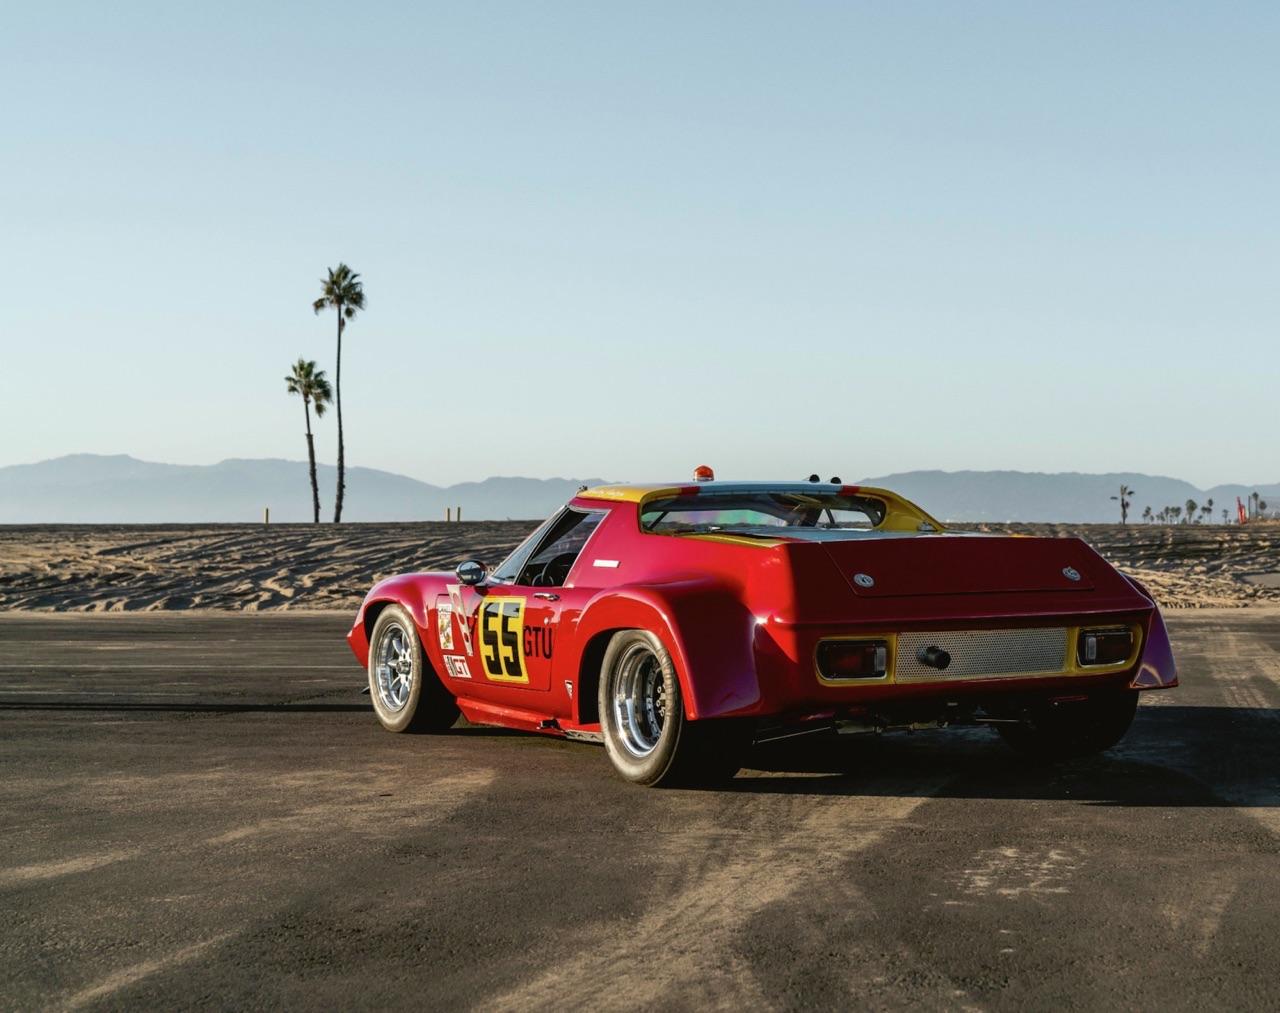 '74 Lotus Europa GTU - Pour les 24h de Daytona 78 15